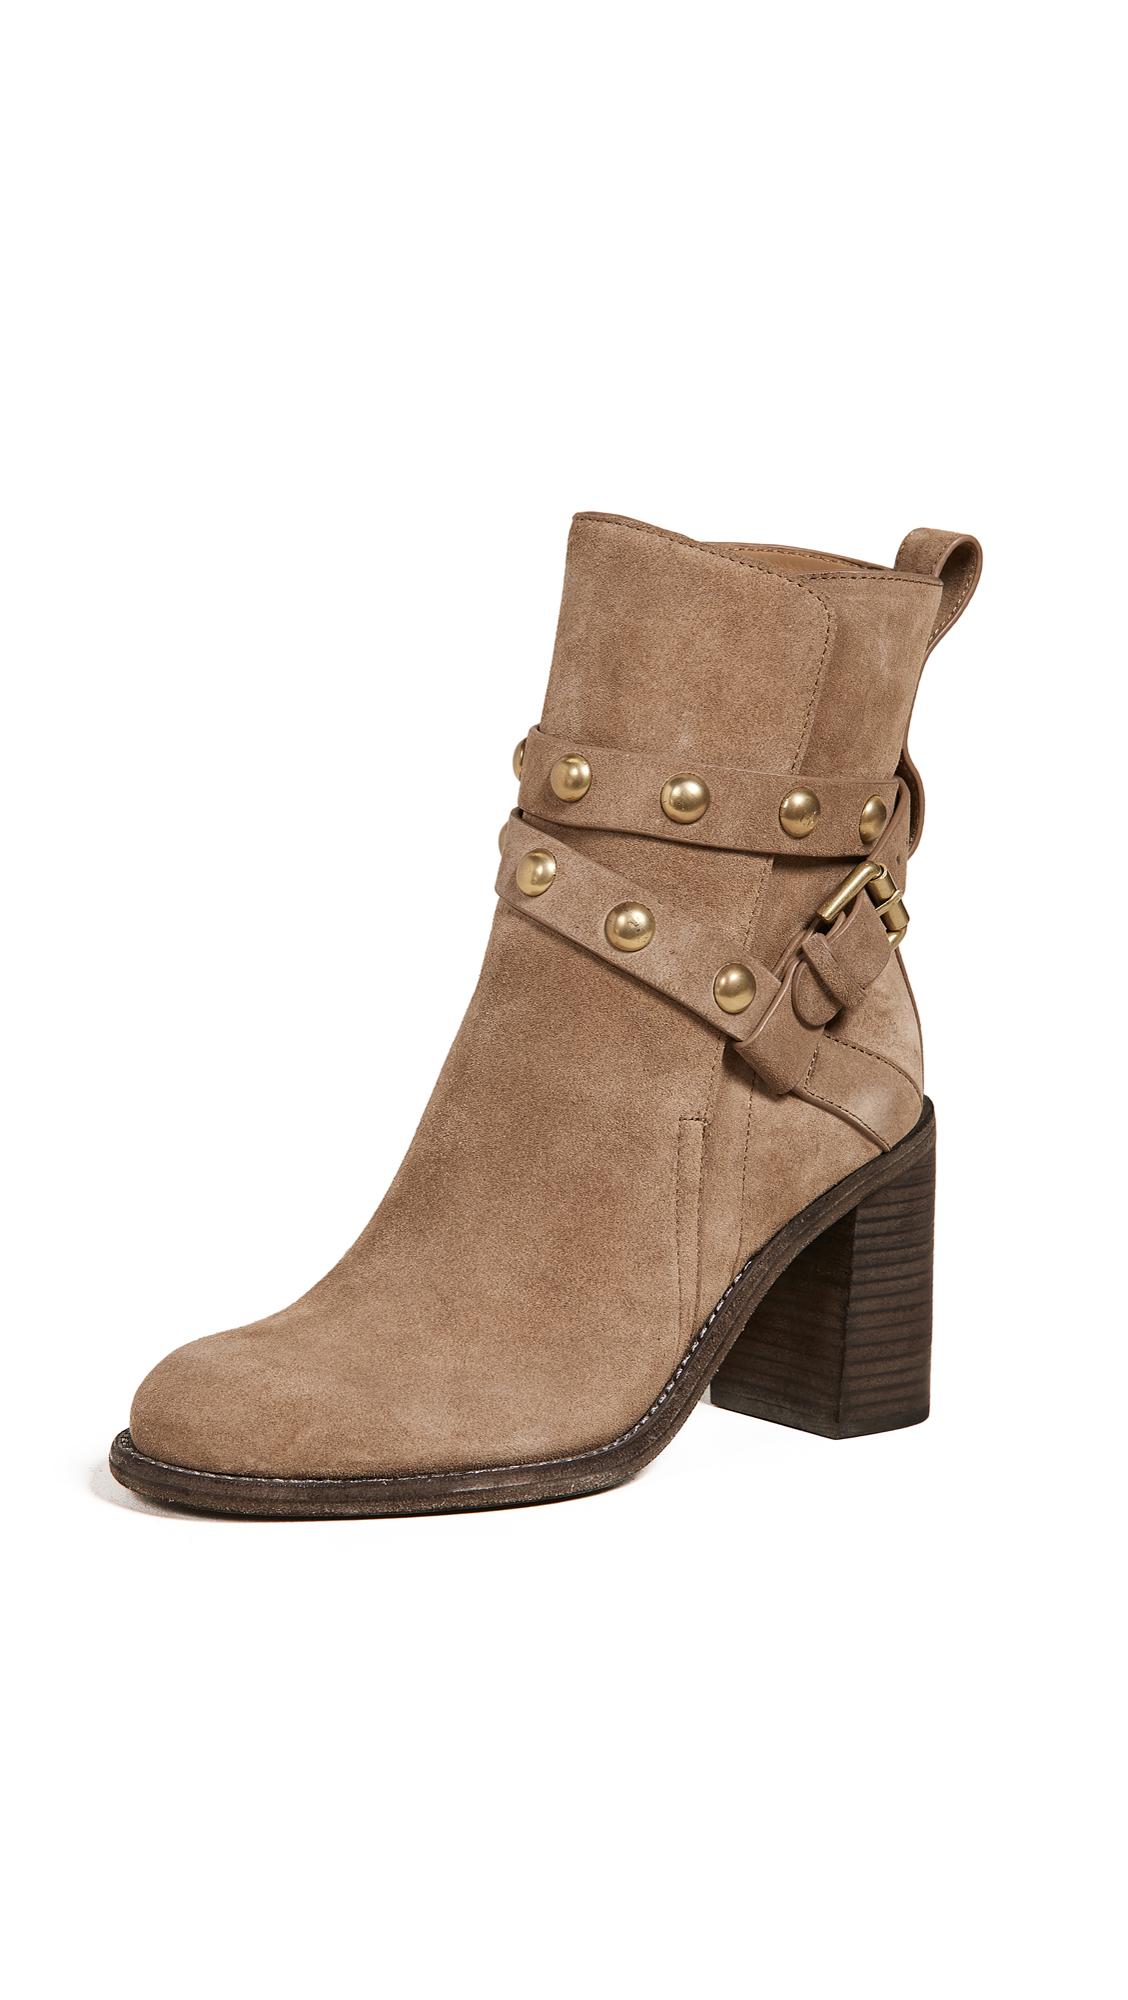 Janis High Heel Boots, Dark Beige